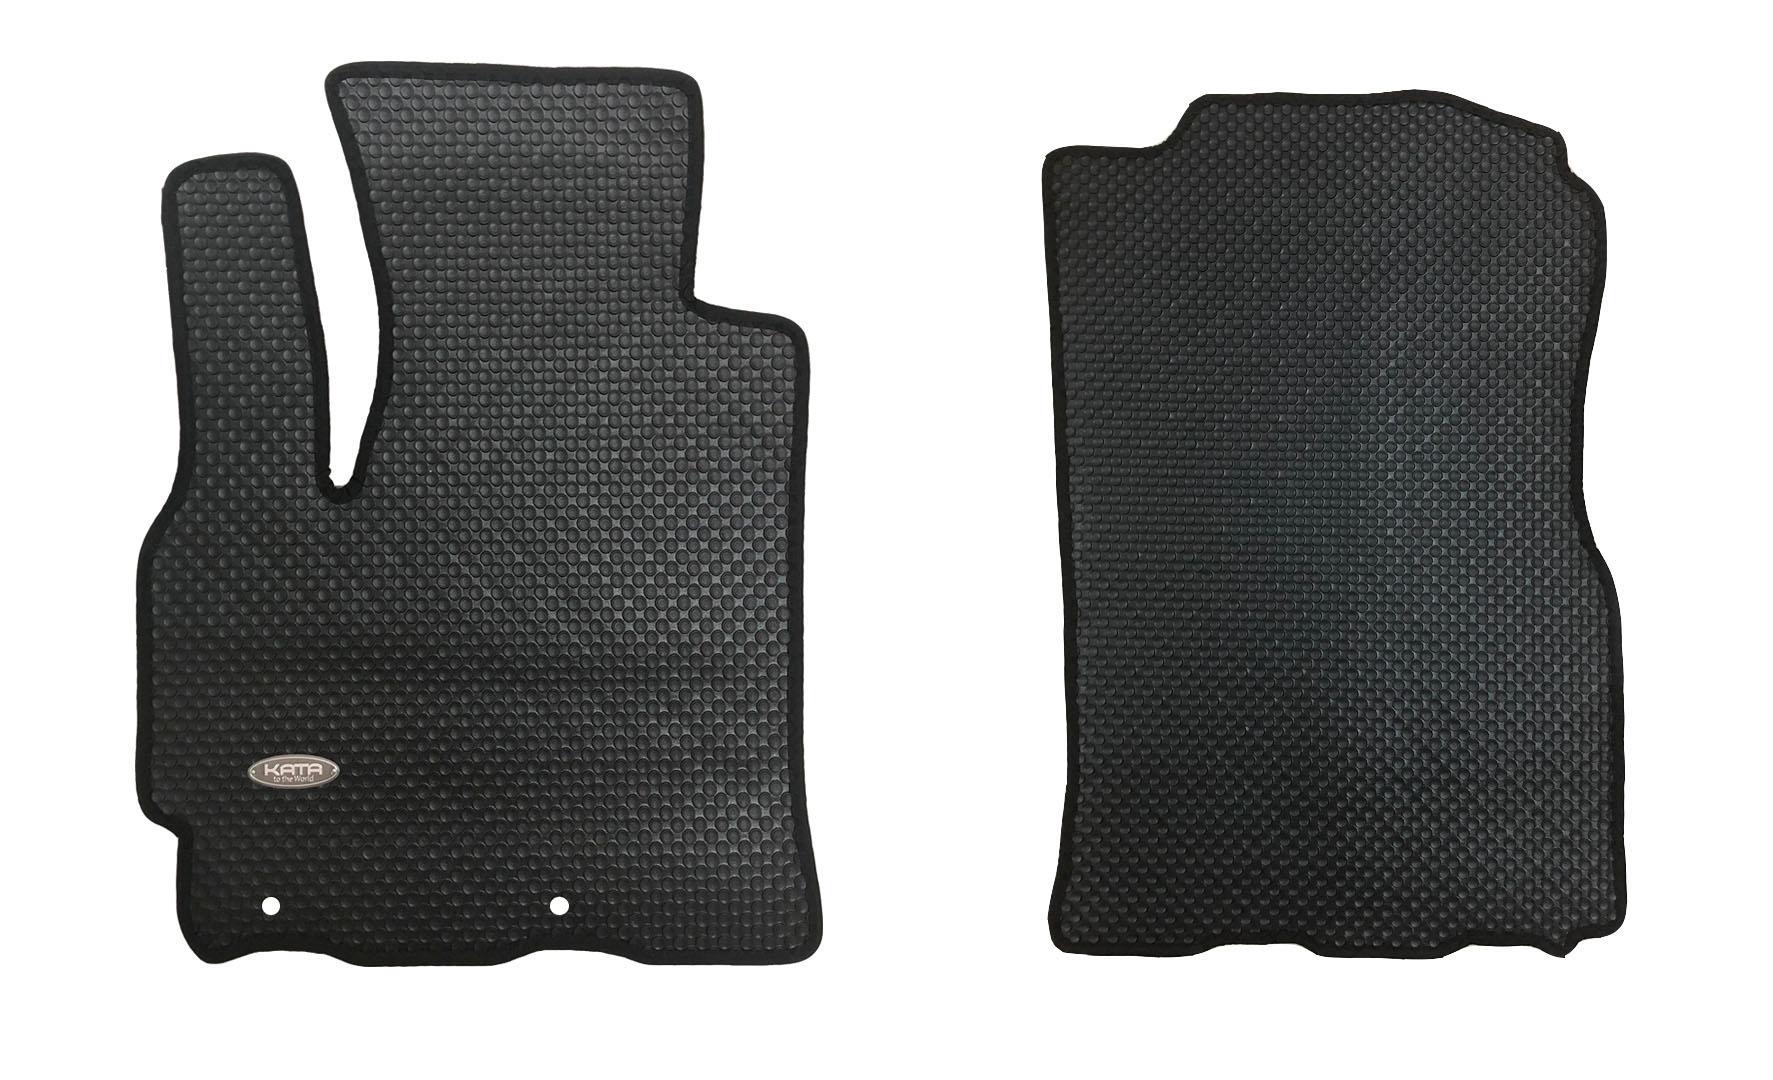 Thảm lót sàn Mitsubishi Attrage 2020